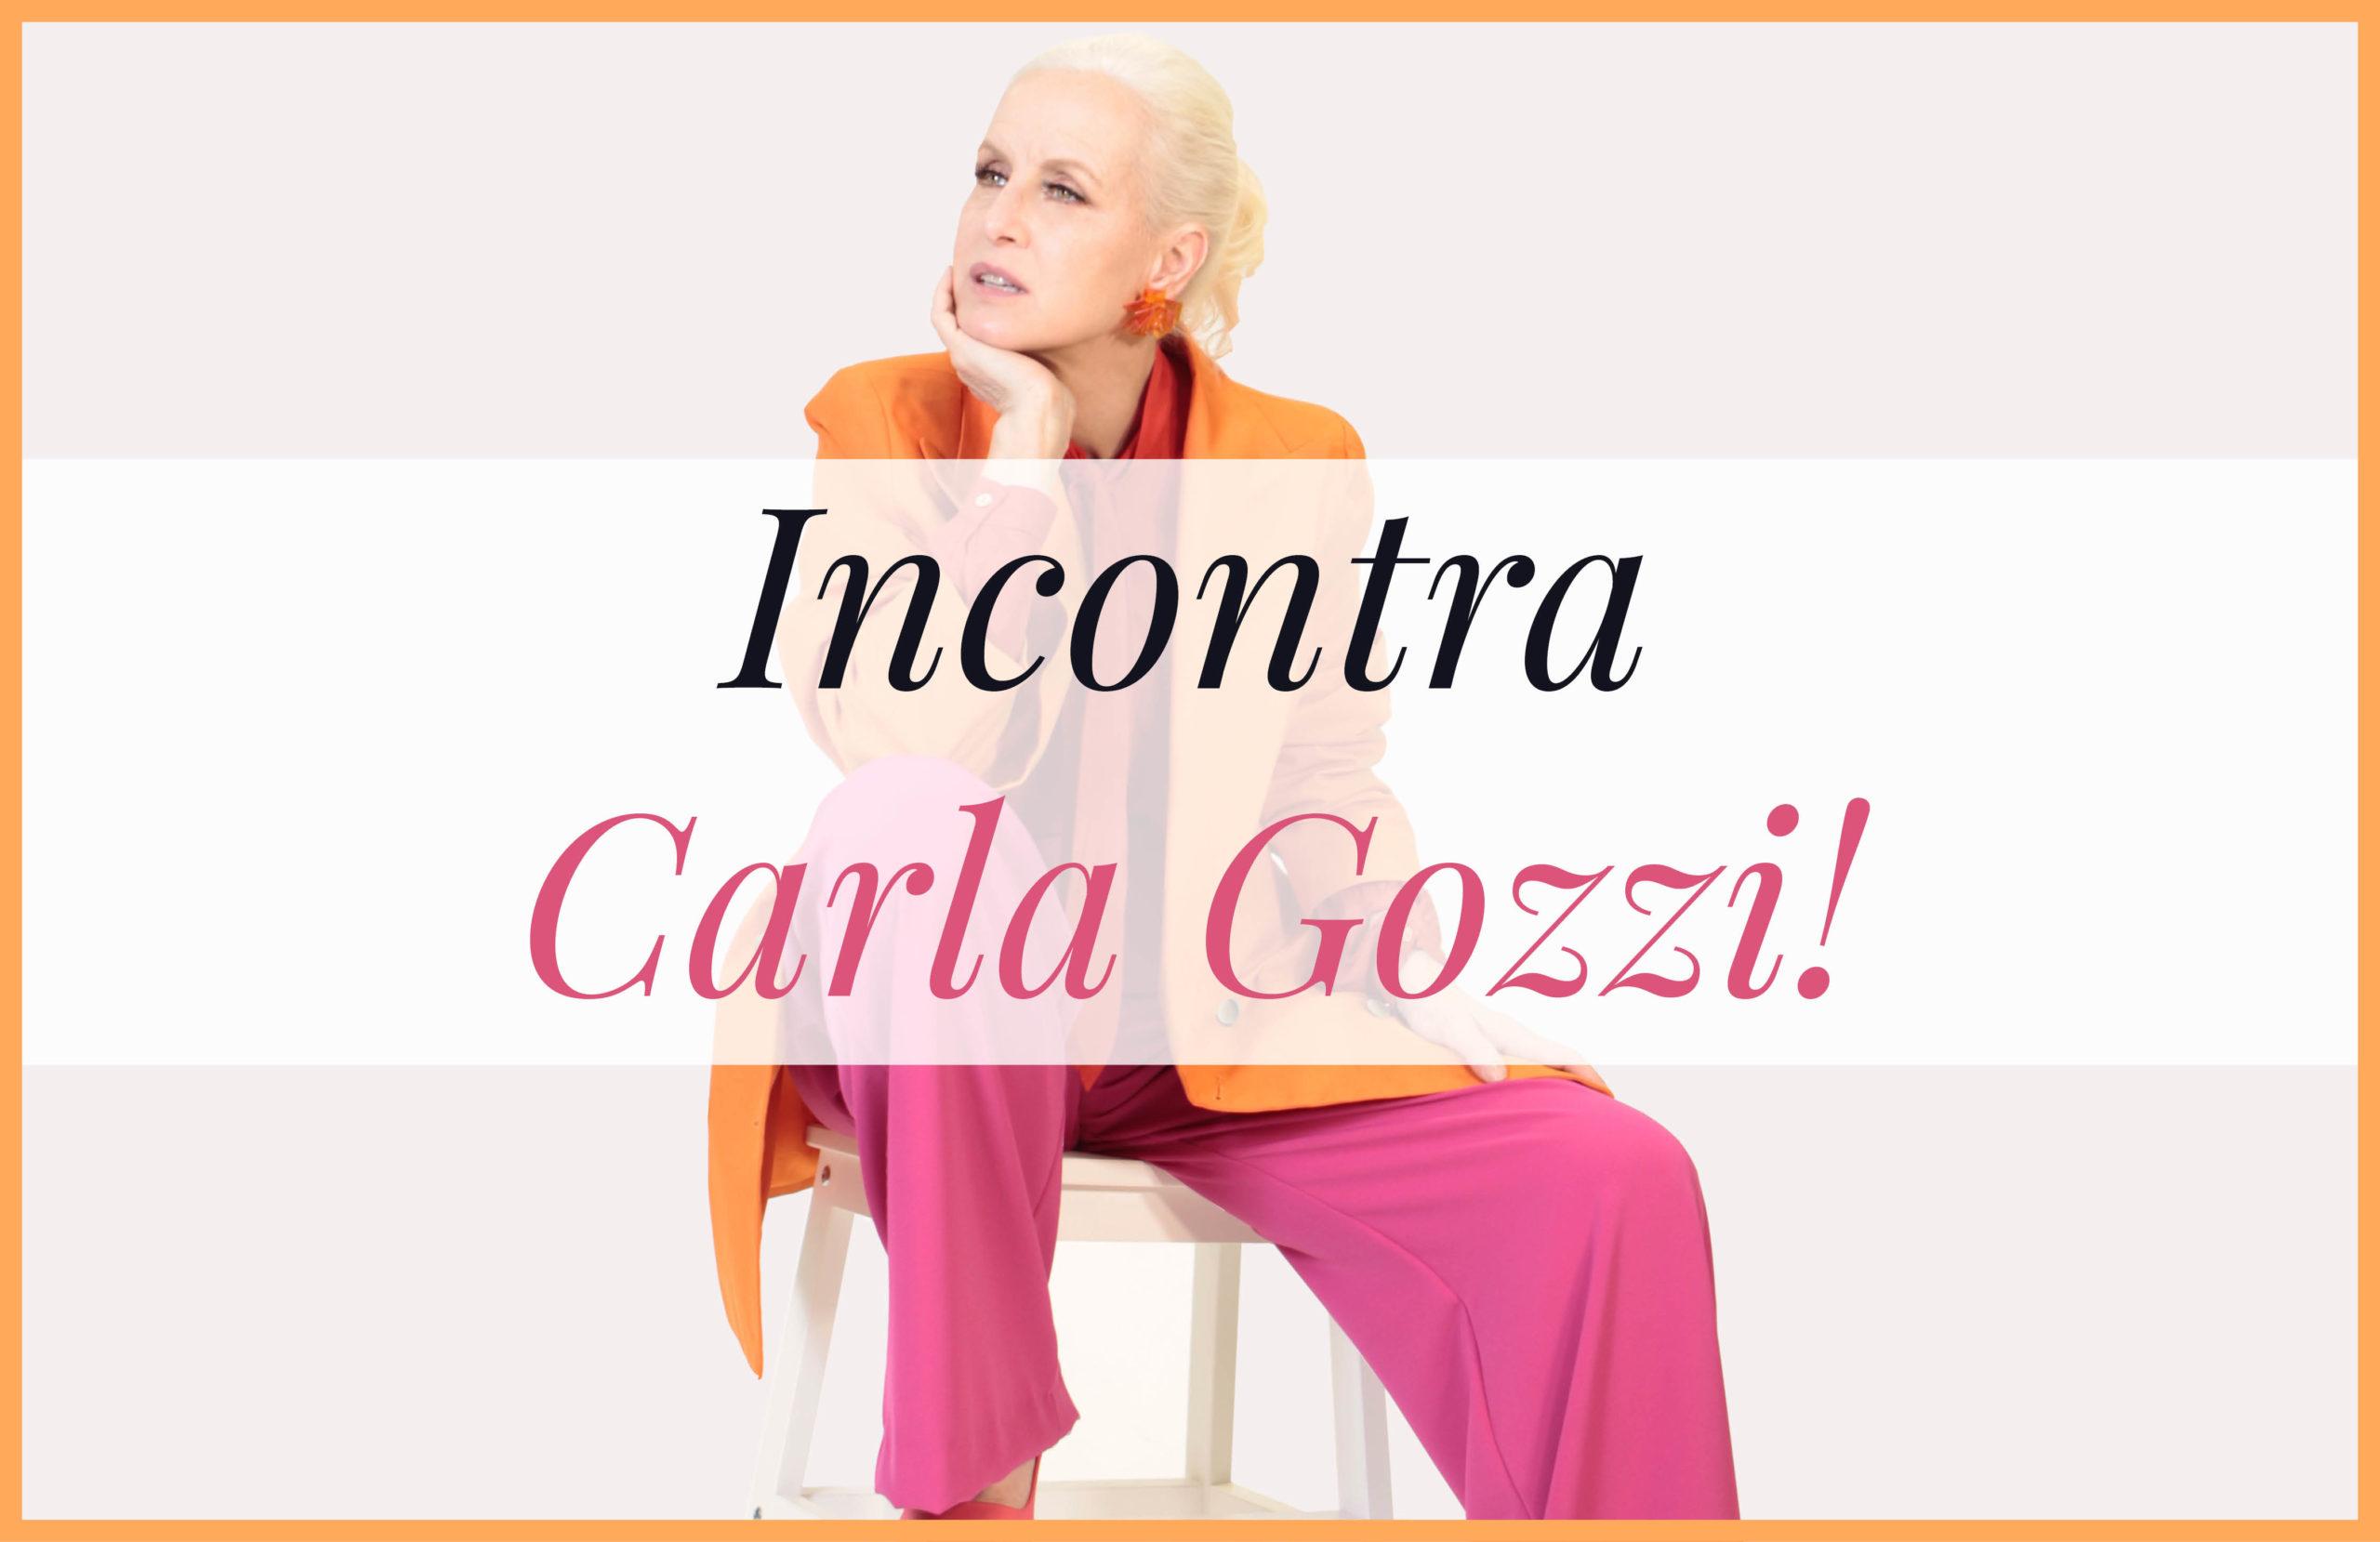 Incontra Carla Gozzi